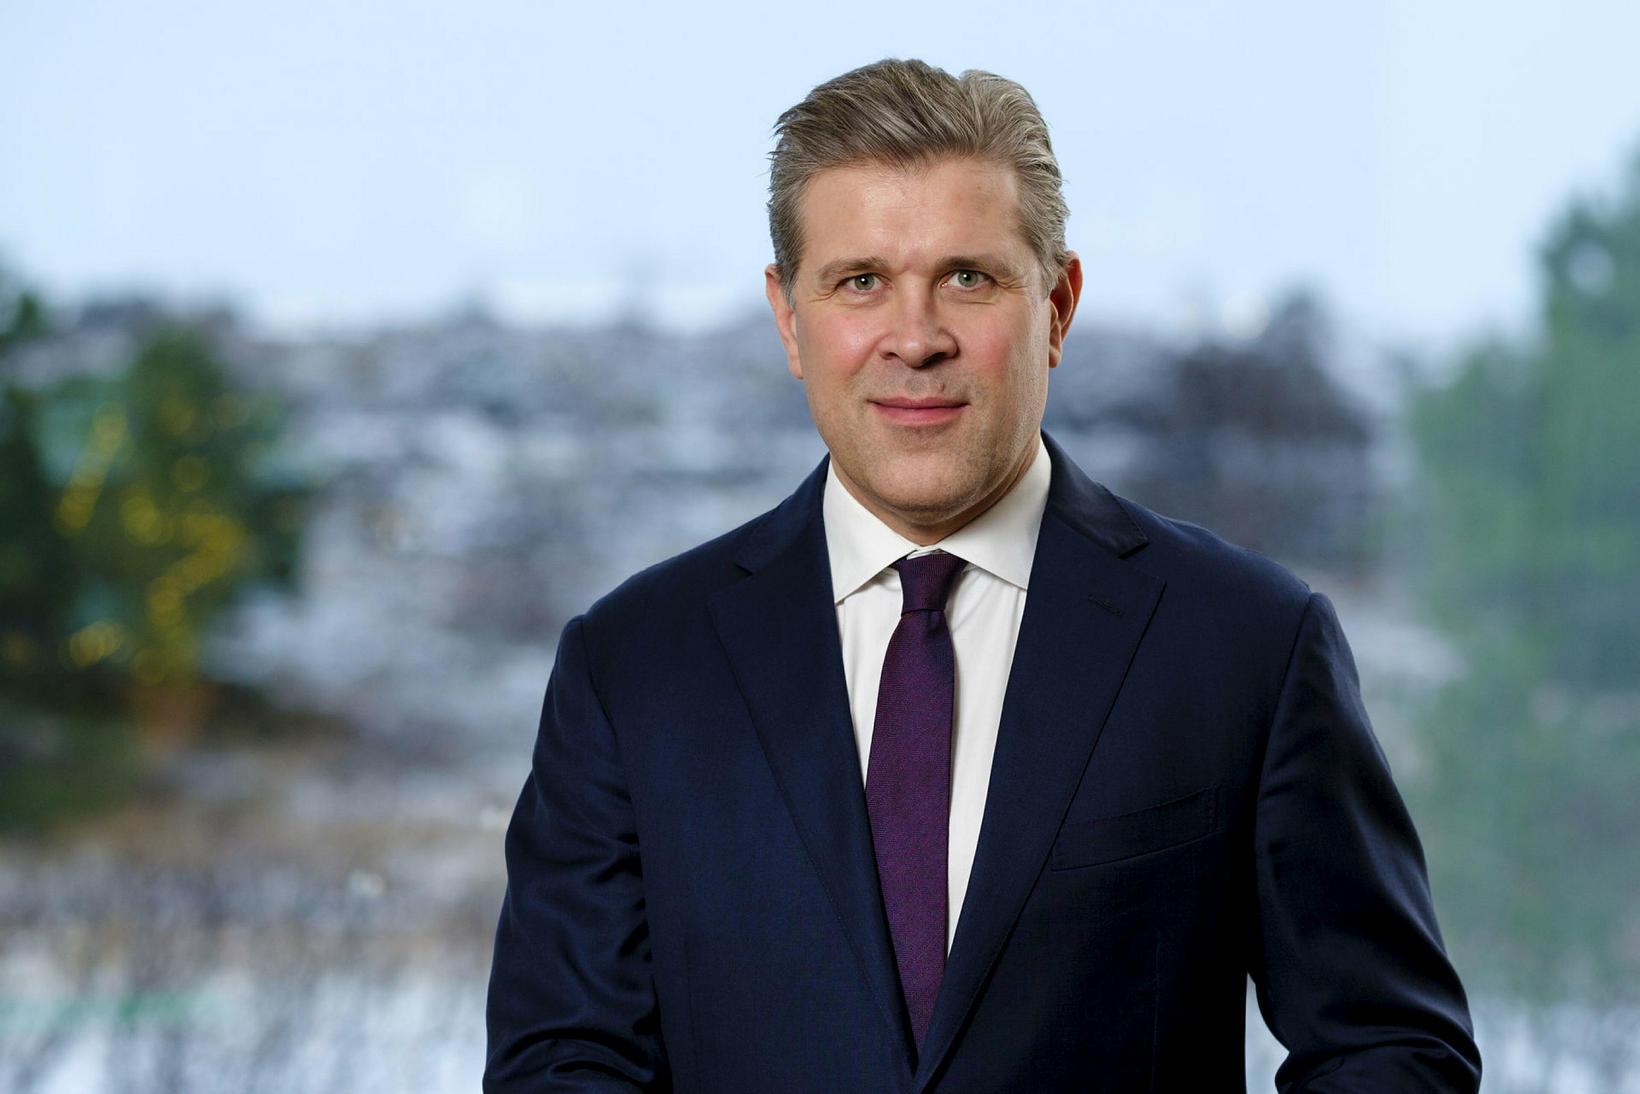 Bjarni Benediktsson, efnahags- og fjármálaráðherra, lagði frumvarpið fram.